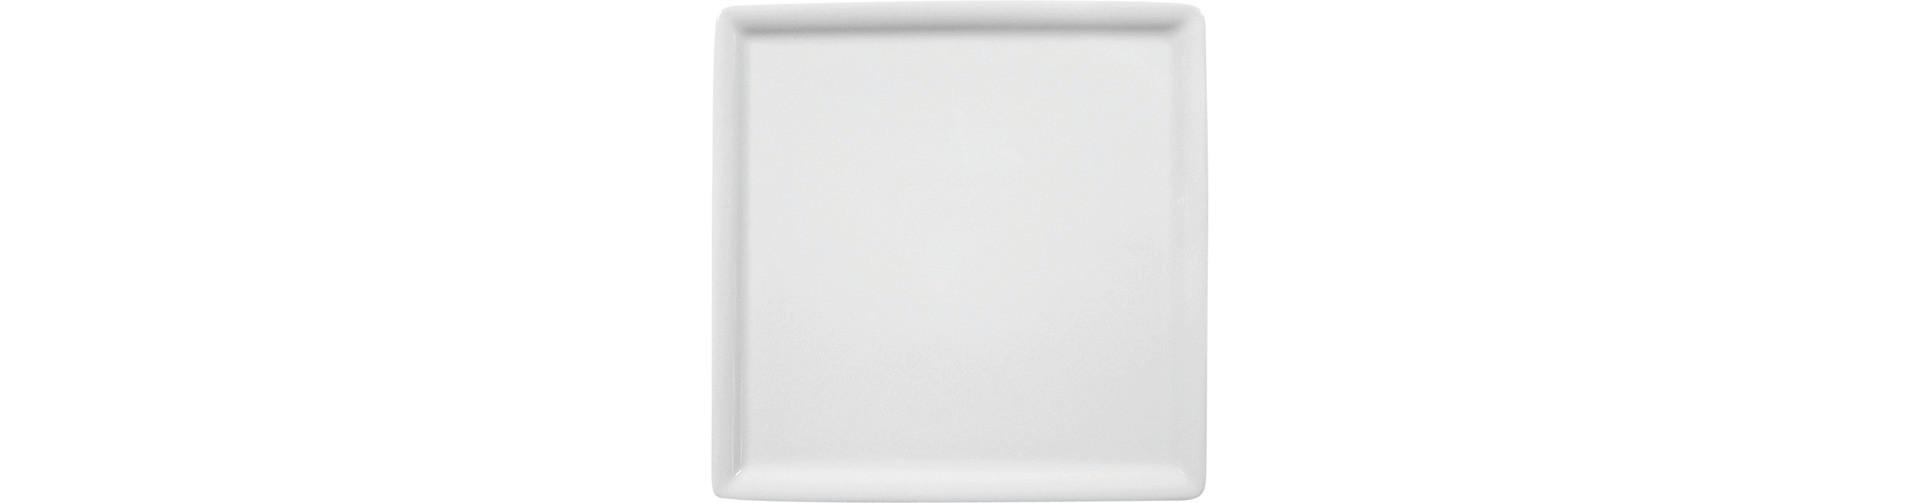 Buffet Gourmet, Platte quadratisch 160 x 160 mm